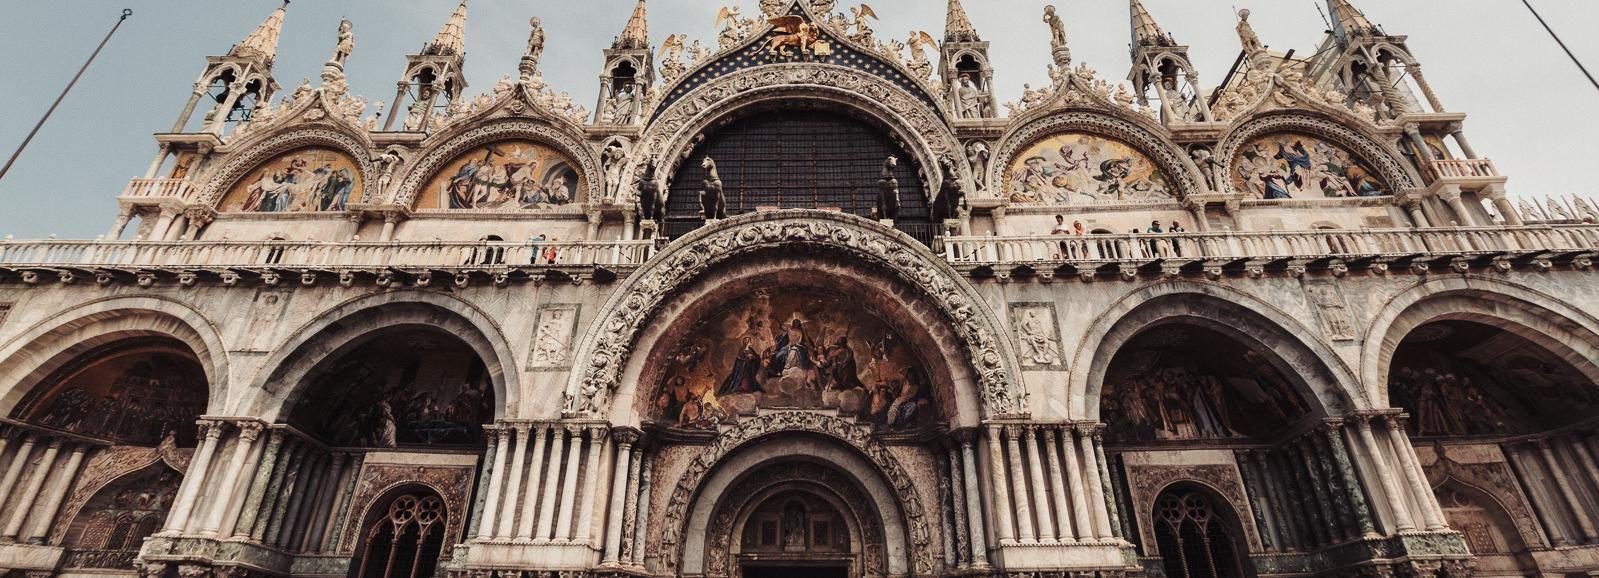 Palazzo Ducale e Basilica di San Marco: tour prioritario